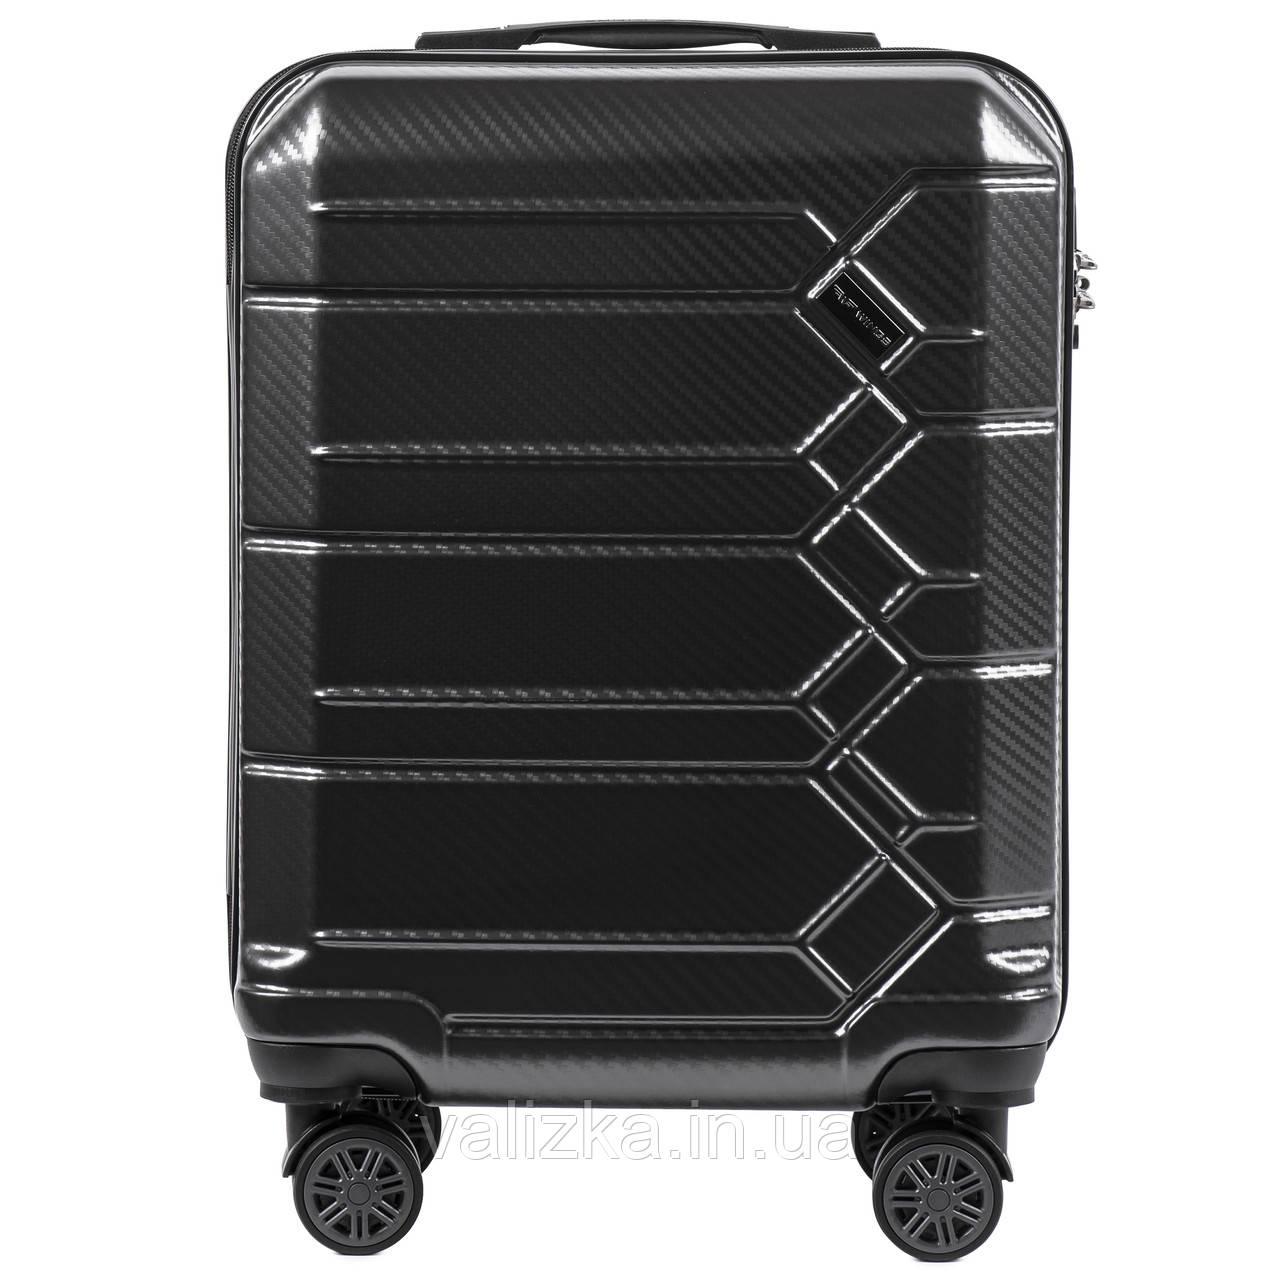 Малый чемодан из поликарбоната премиум серии для ручной клади на 4-х двойных колесах графитовый 185